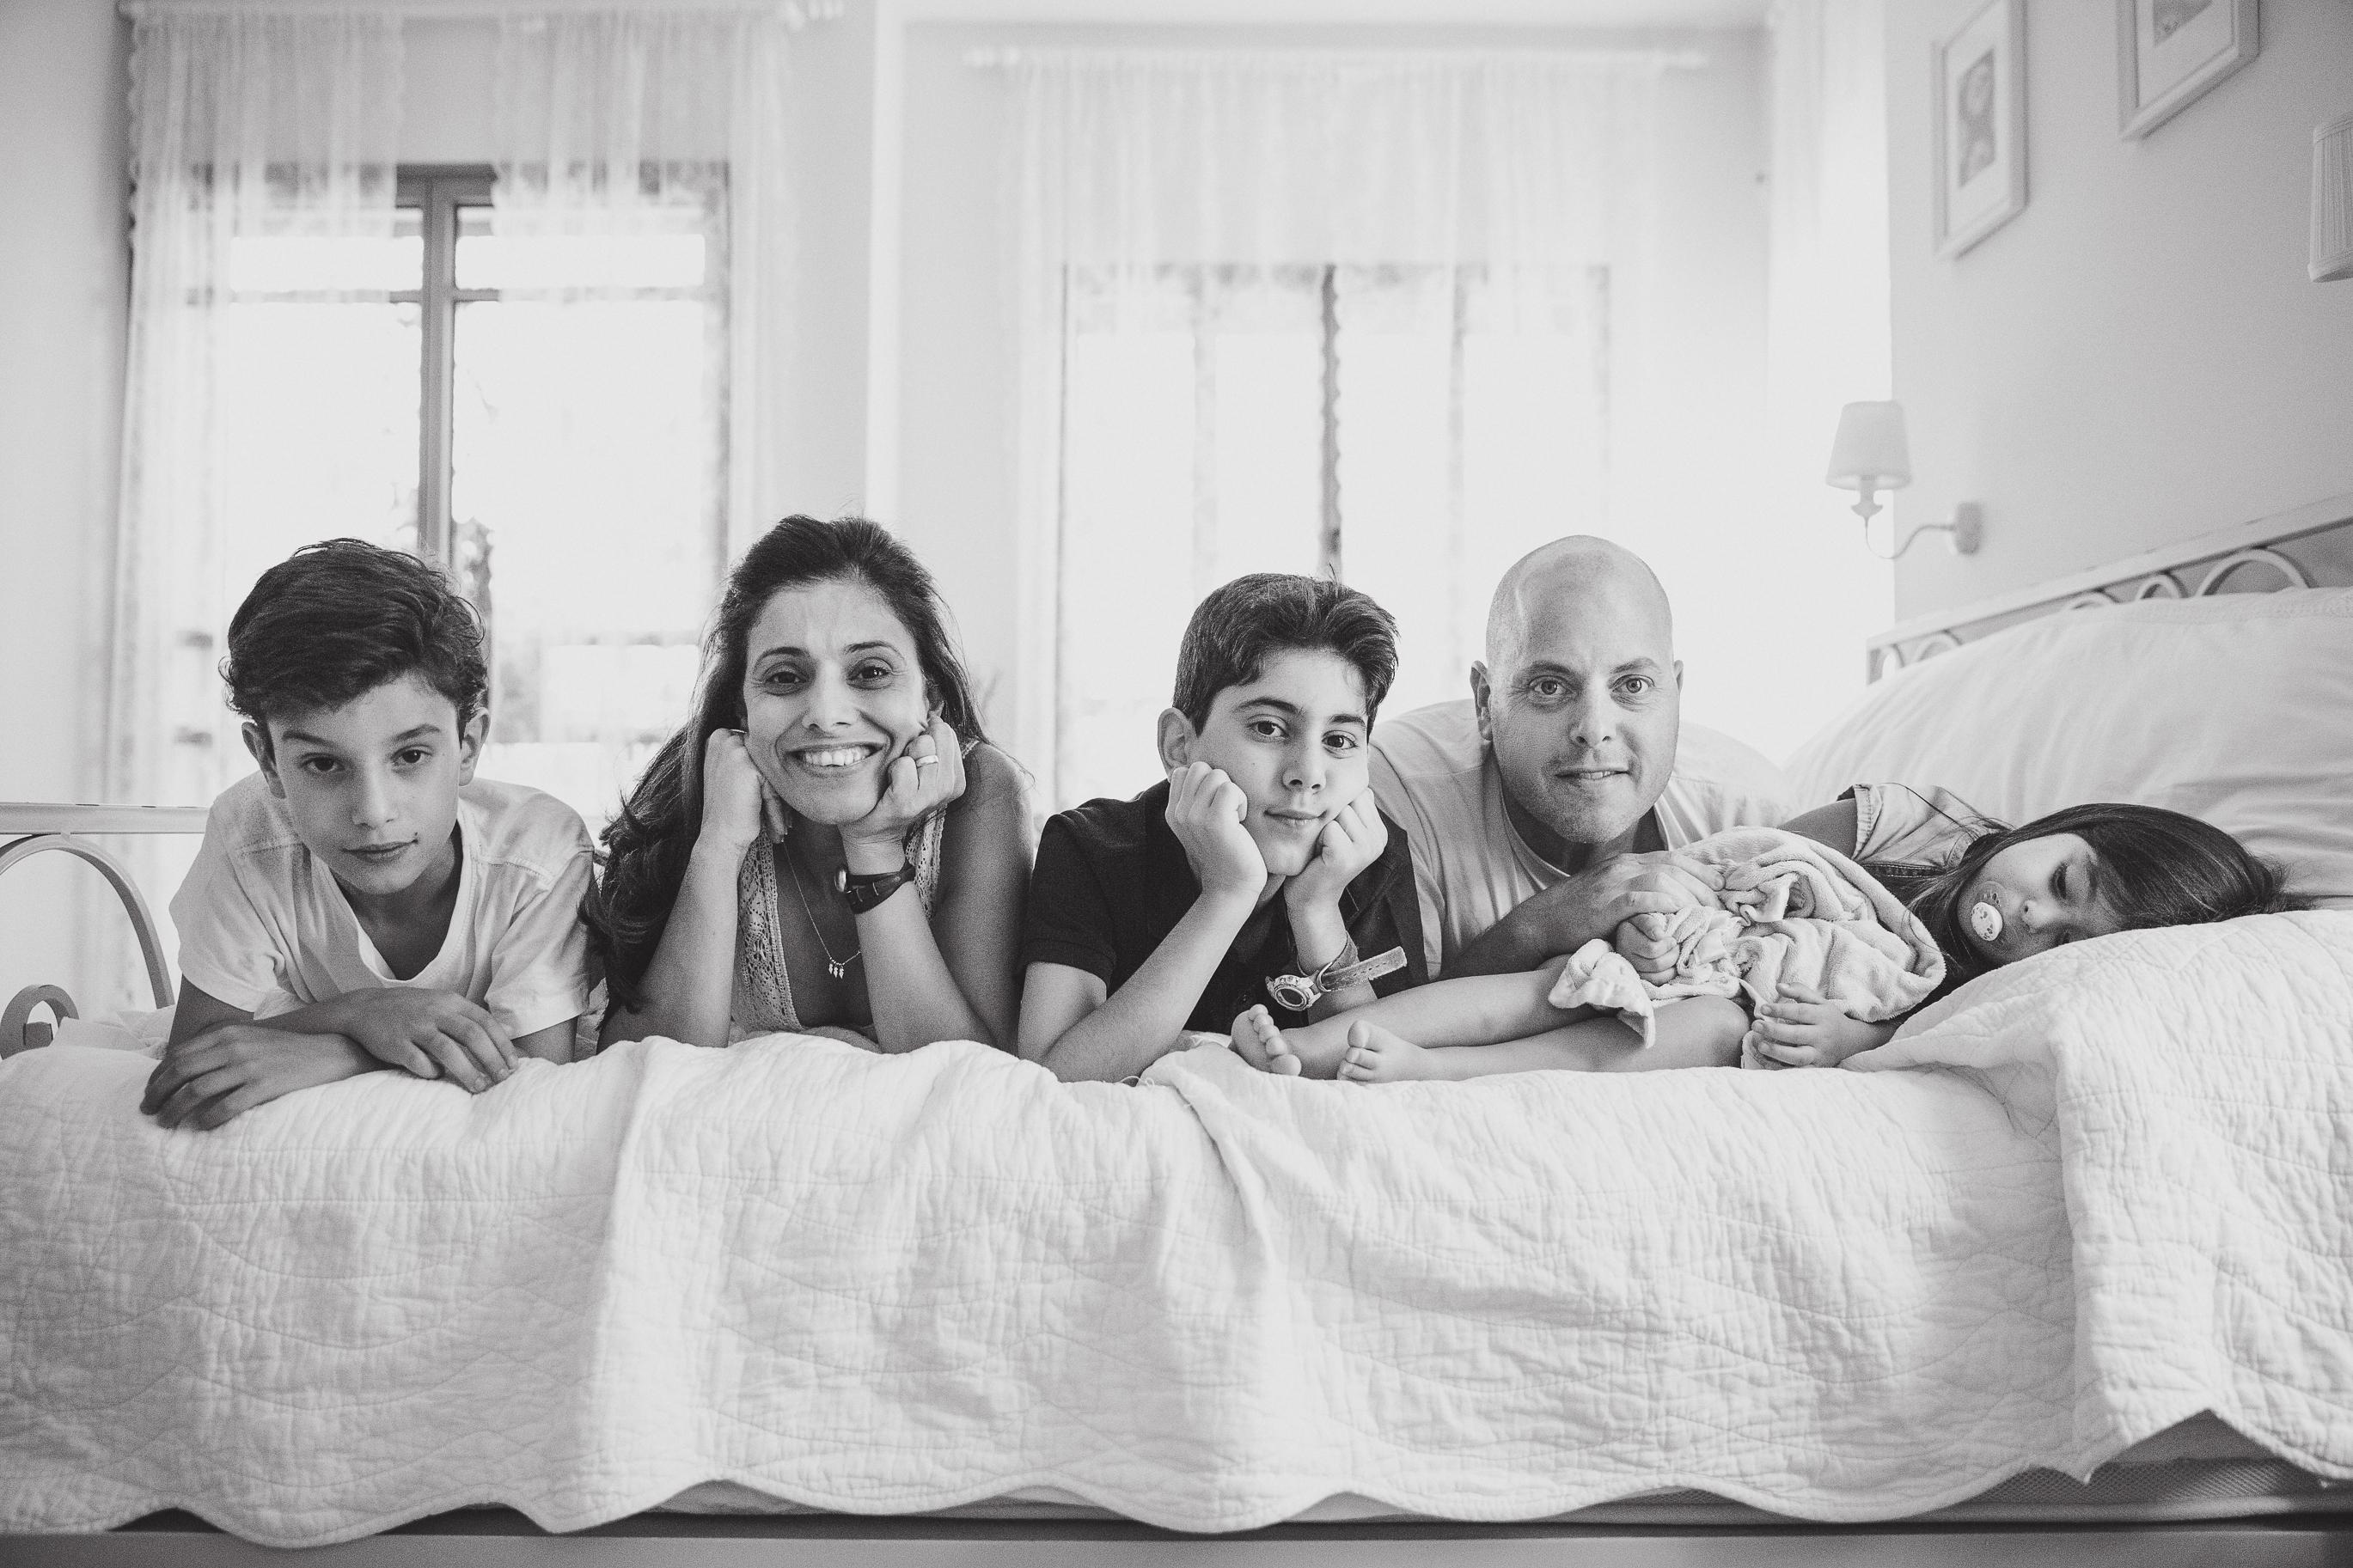 משפחת שכטמן (צילום: אלה סברדלוב קרן) (צילום: אלה סברדלוב קרן)